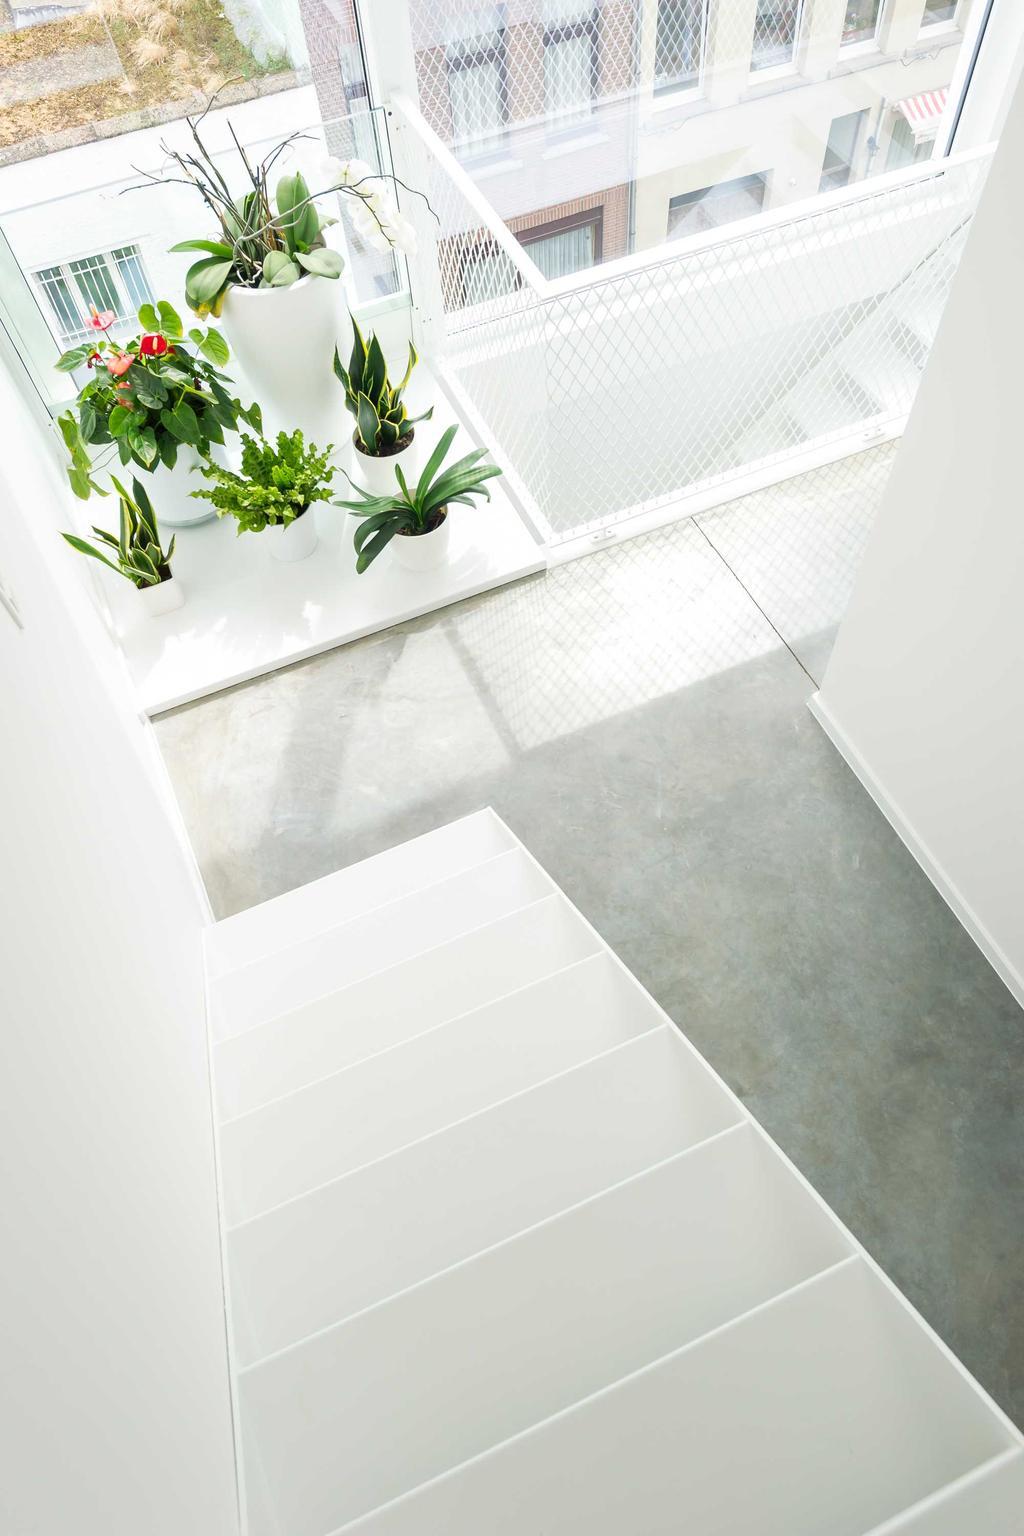 escalier lumiere plantes